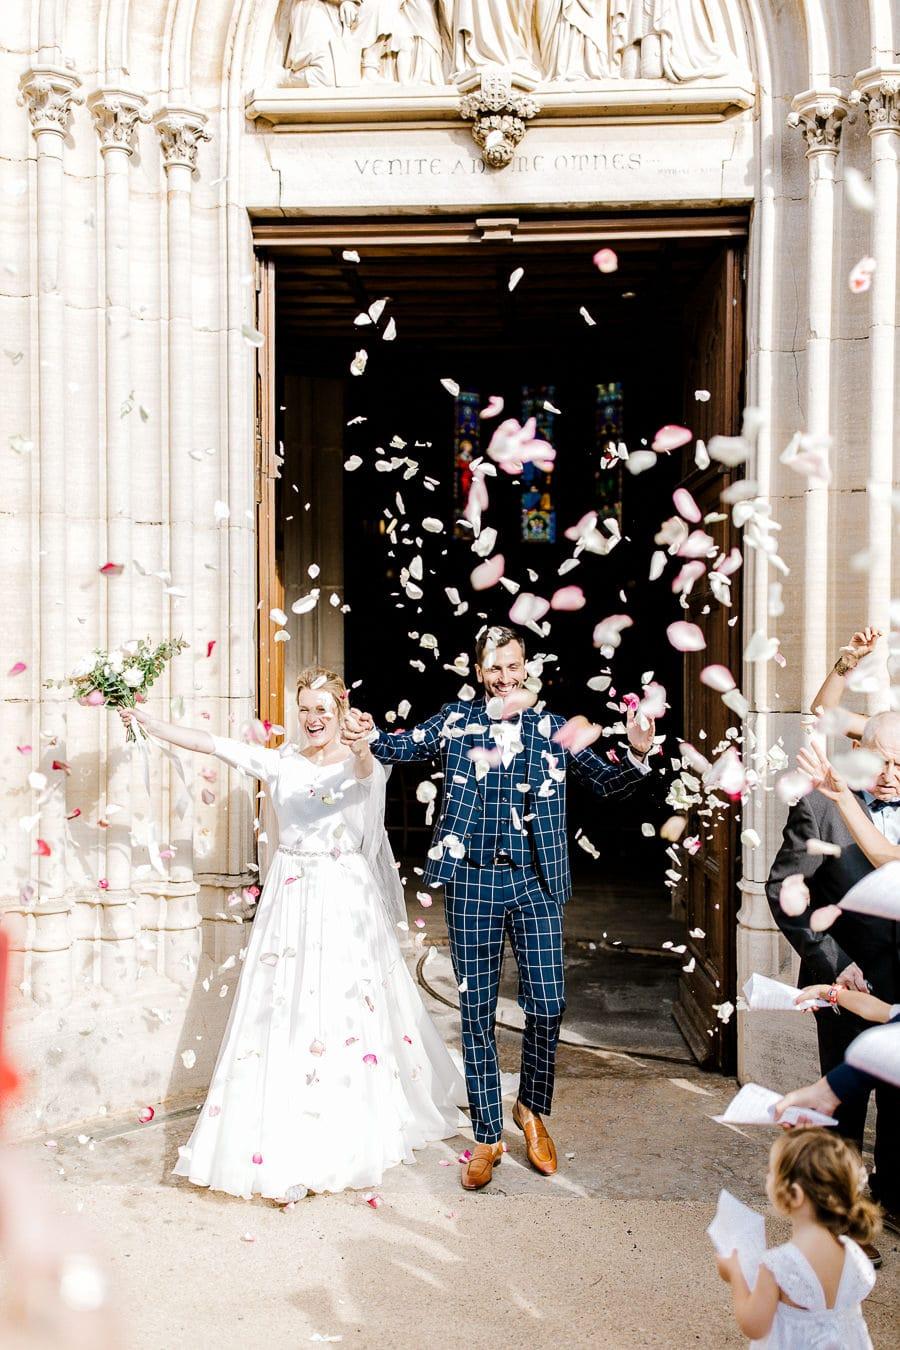 Sortie église des mariés